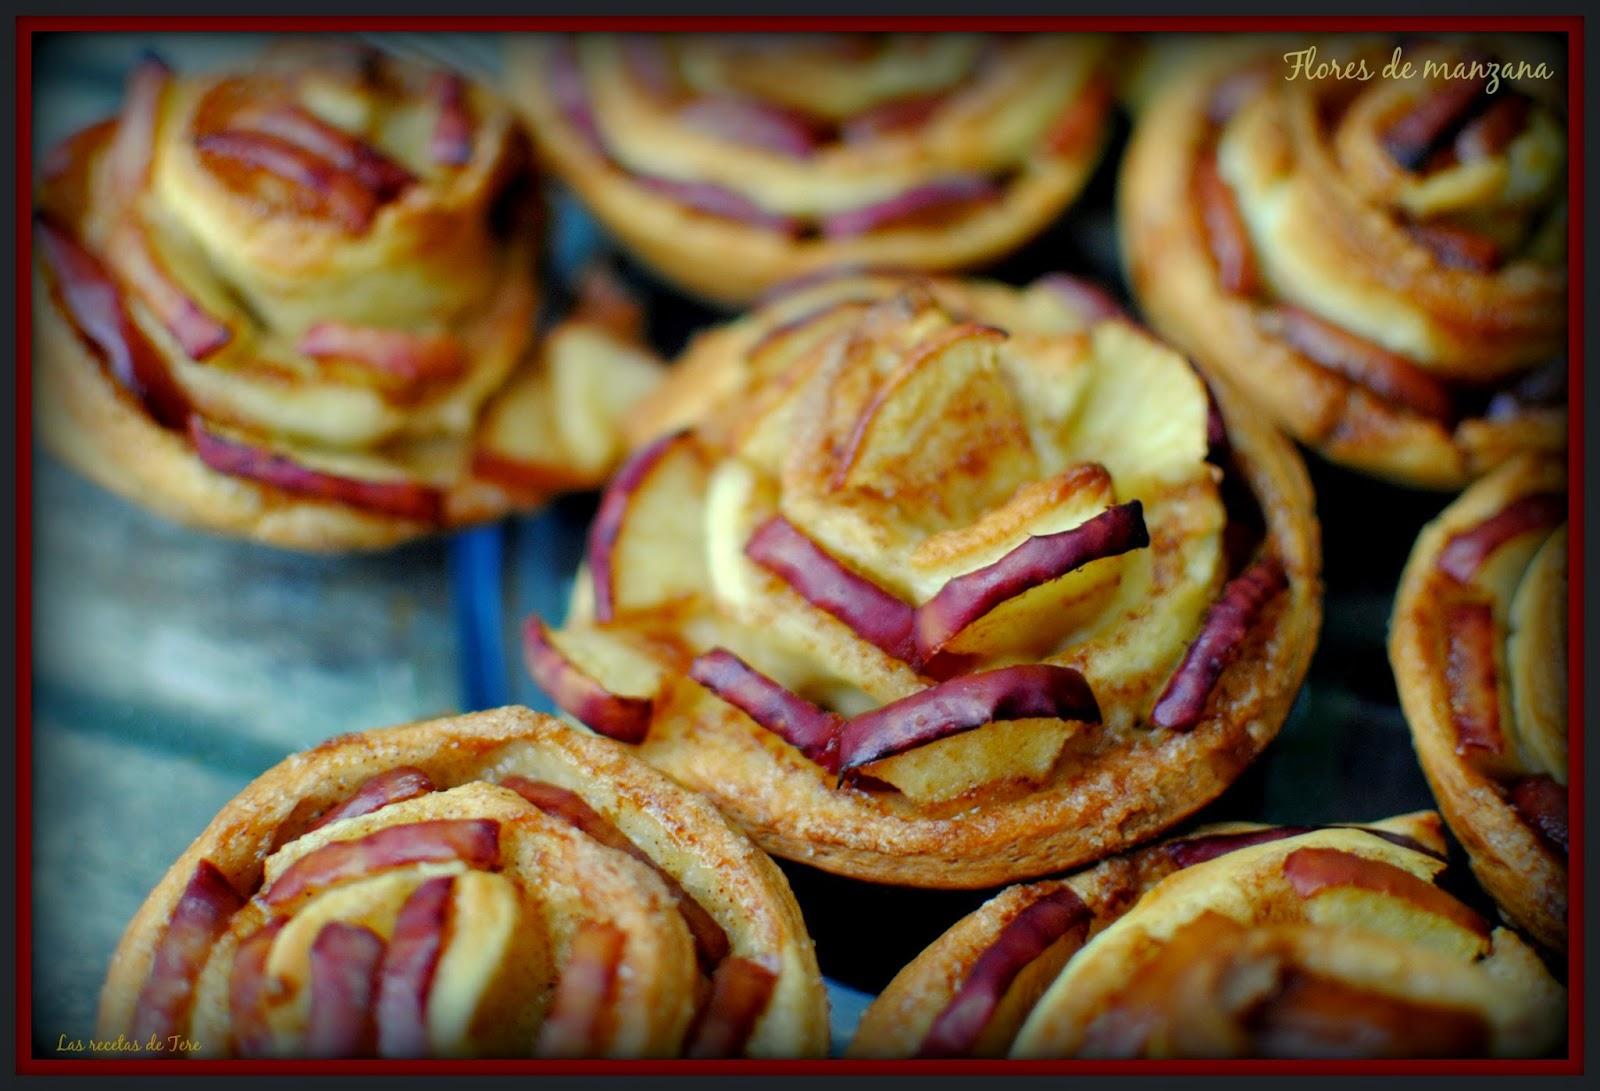 flores de manzana las recetas de tere 01